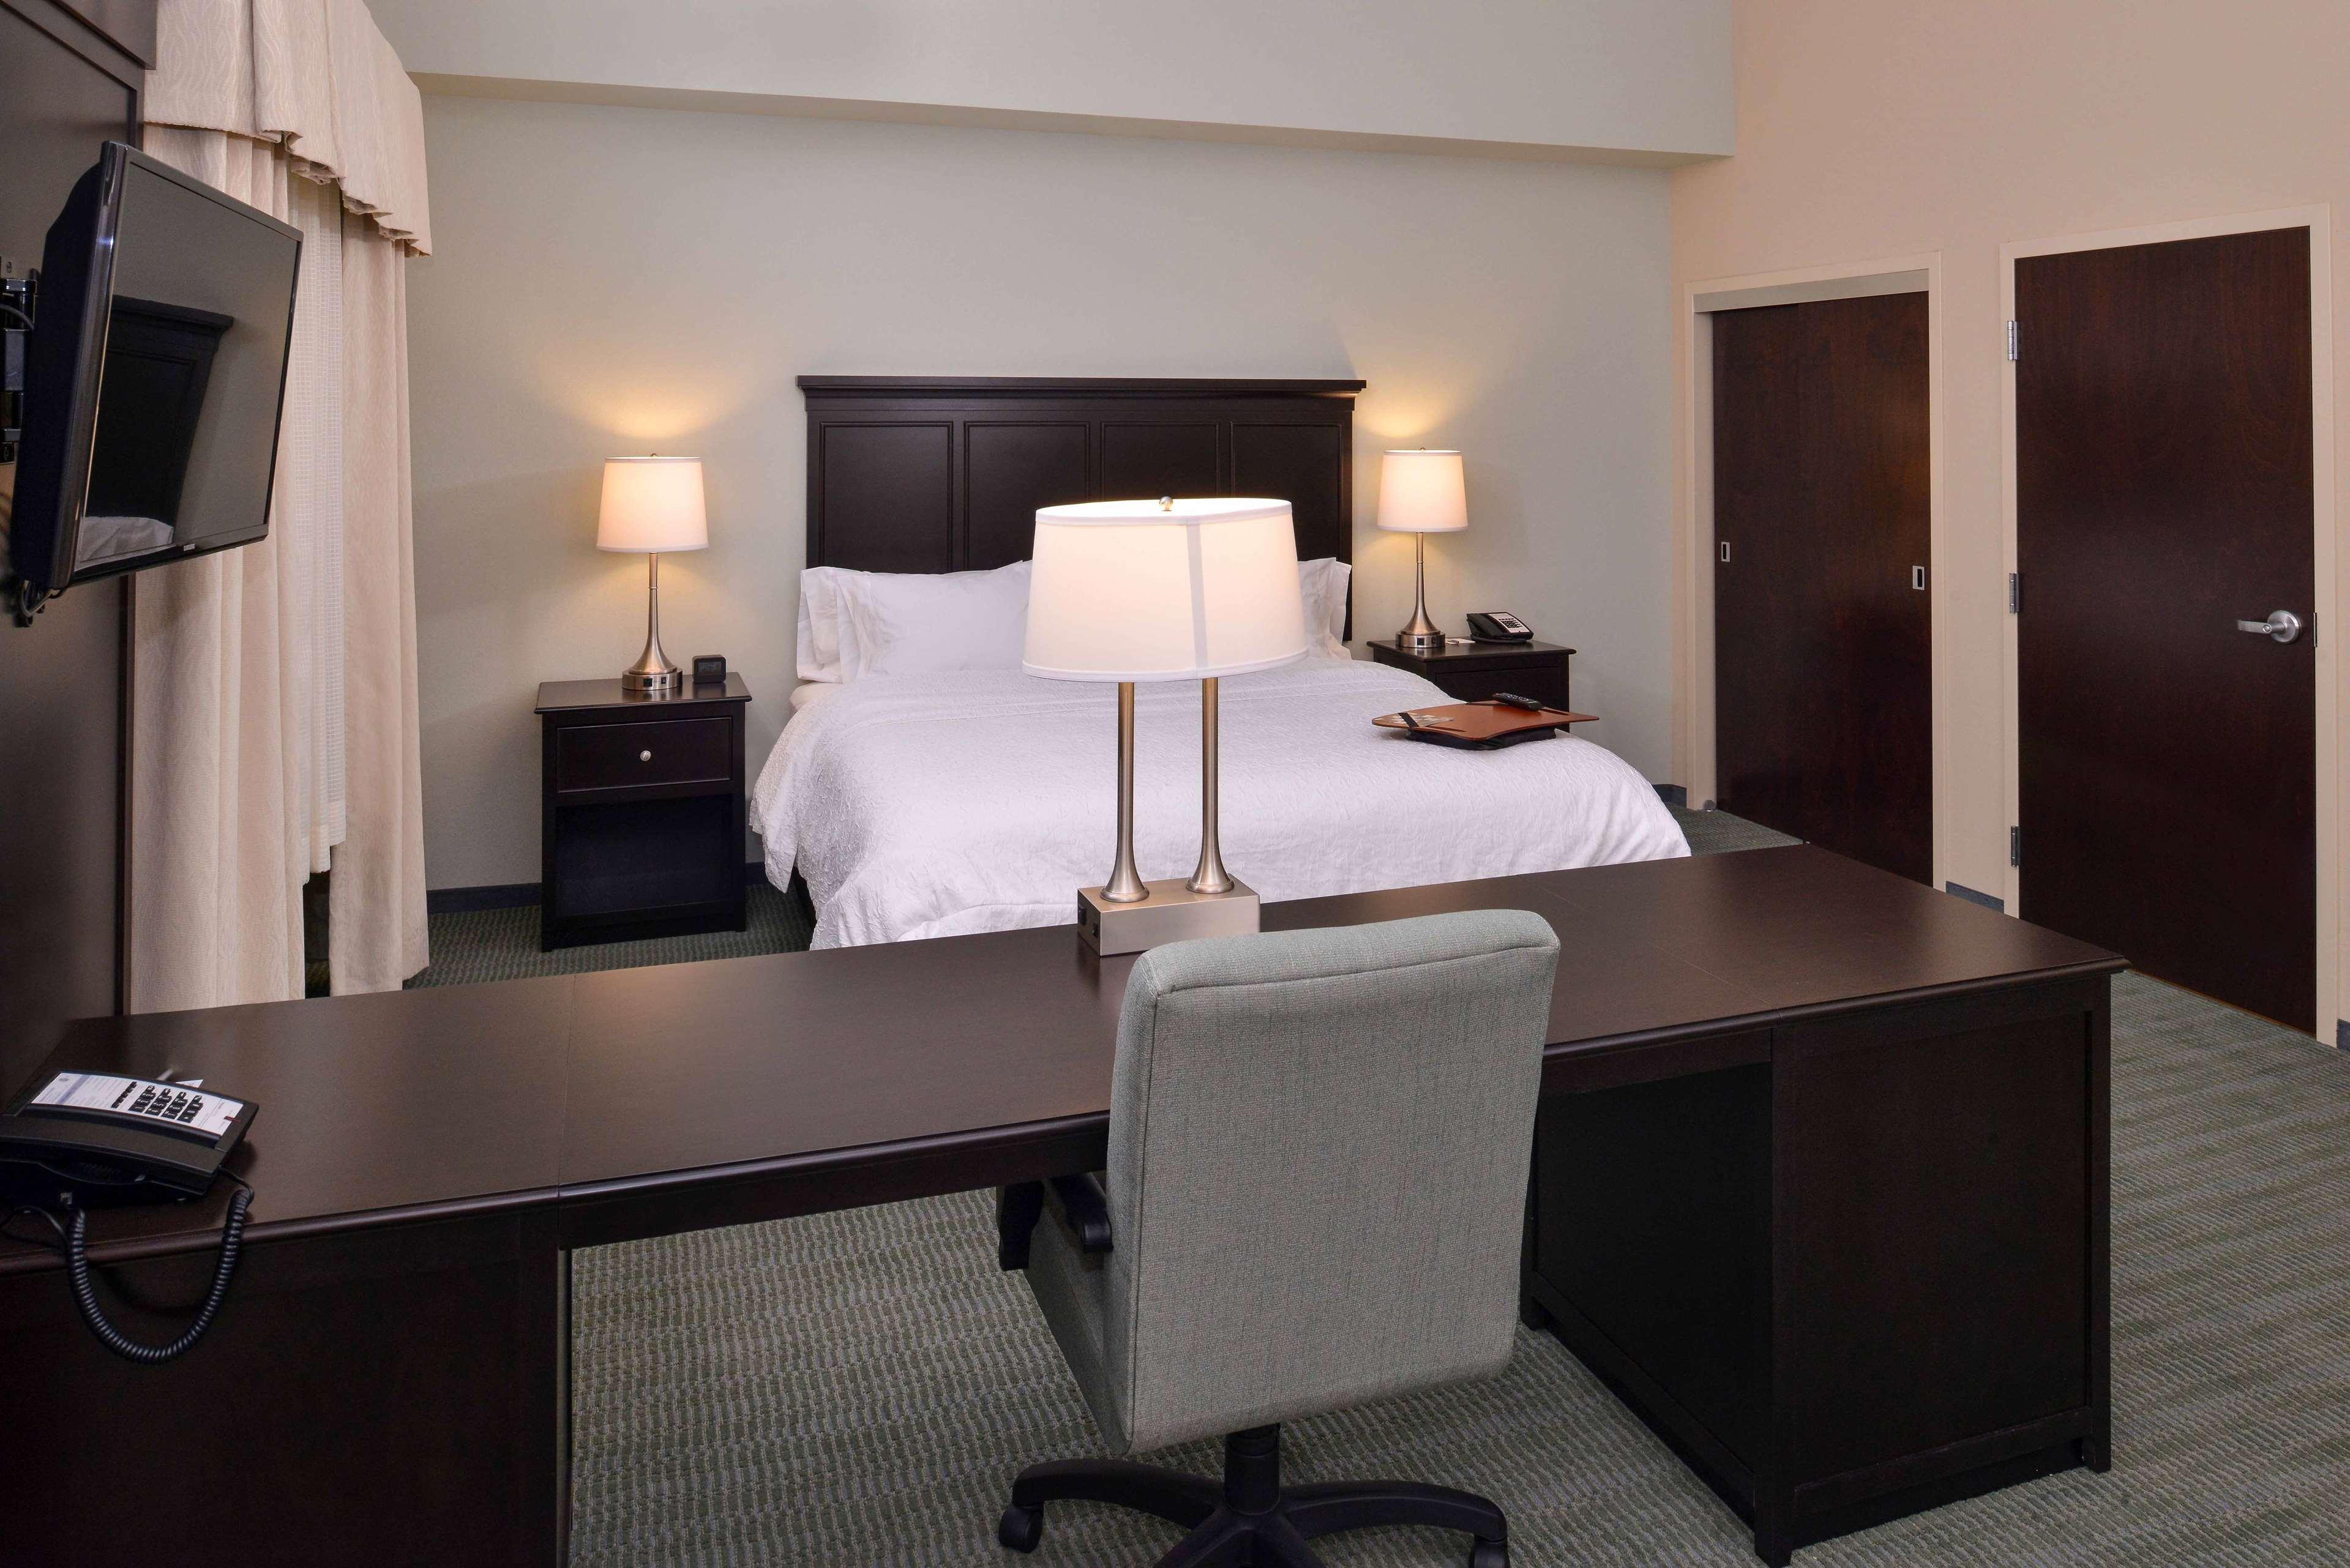 Hampton Inn & Suites Mount Joy/Lancaster West image 18